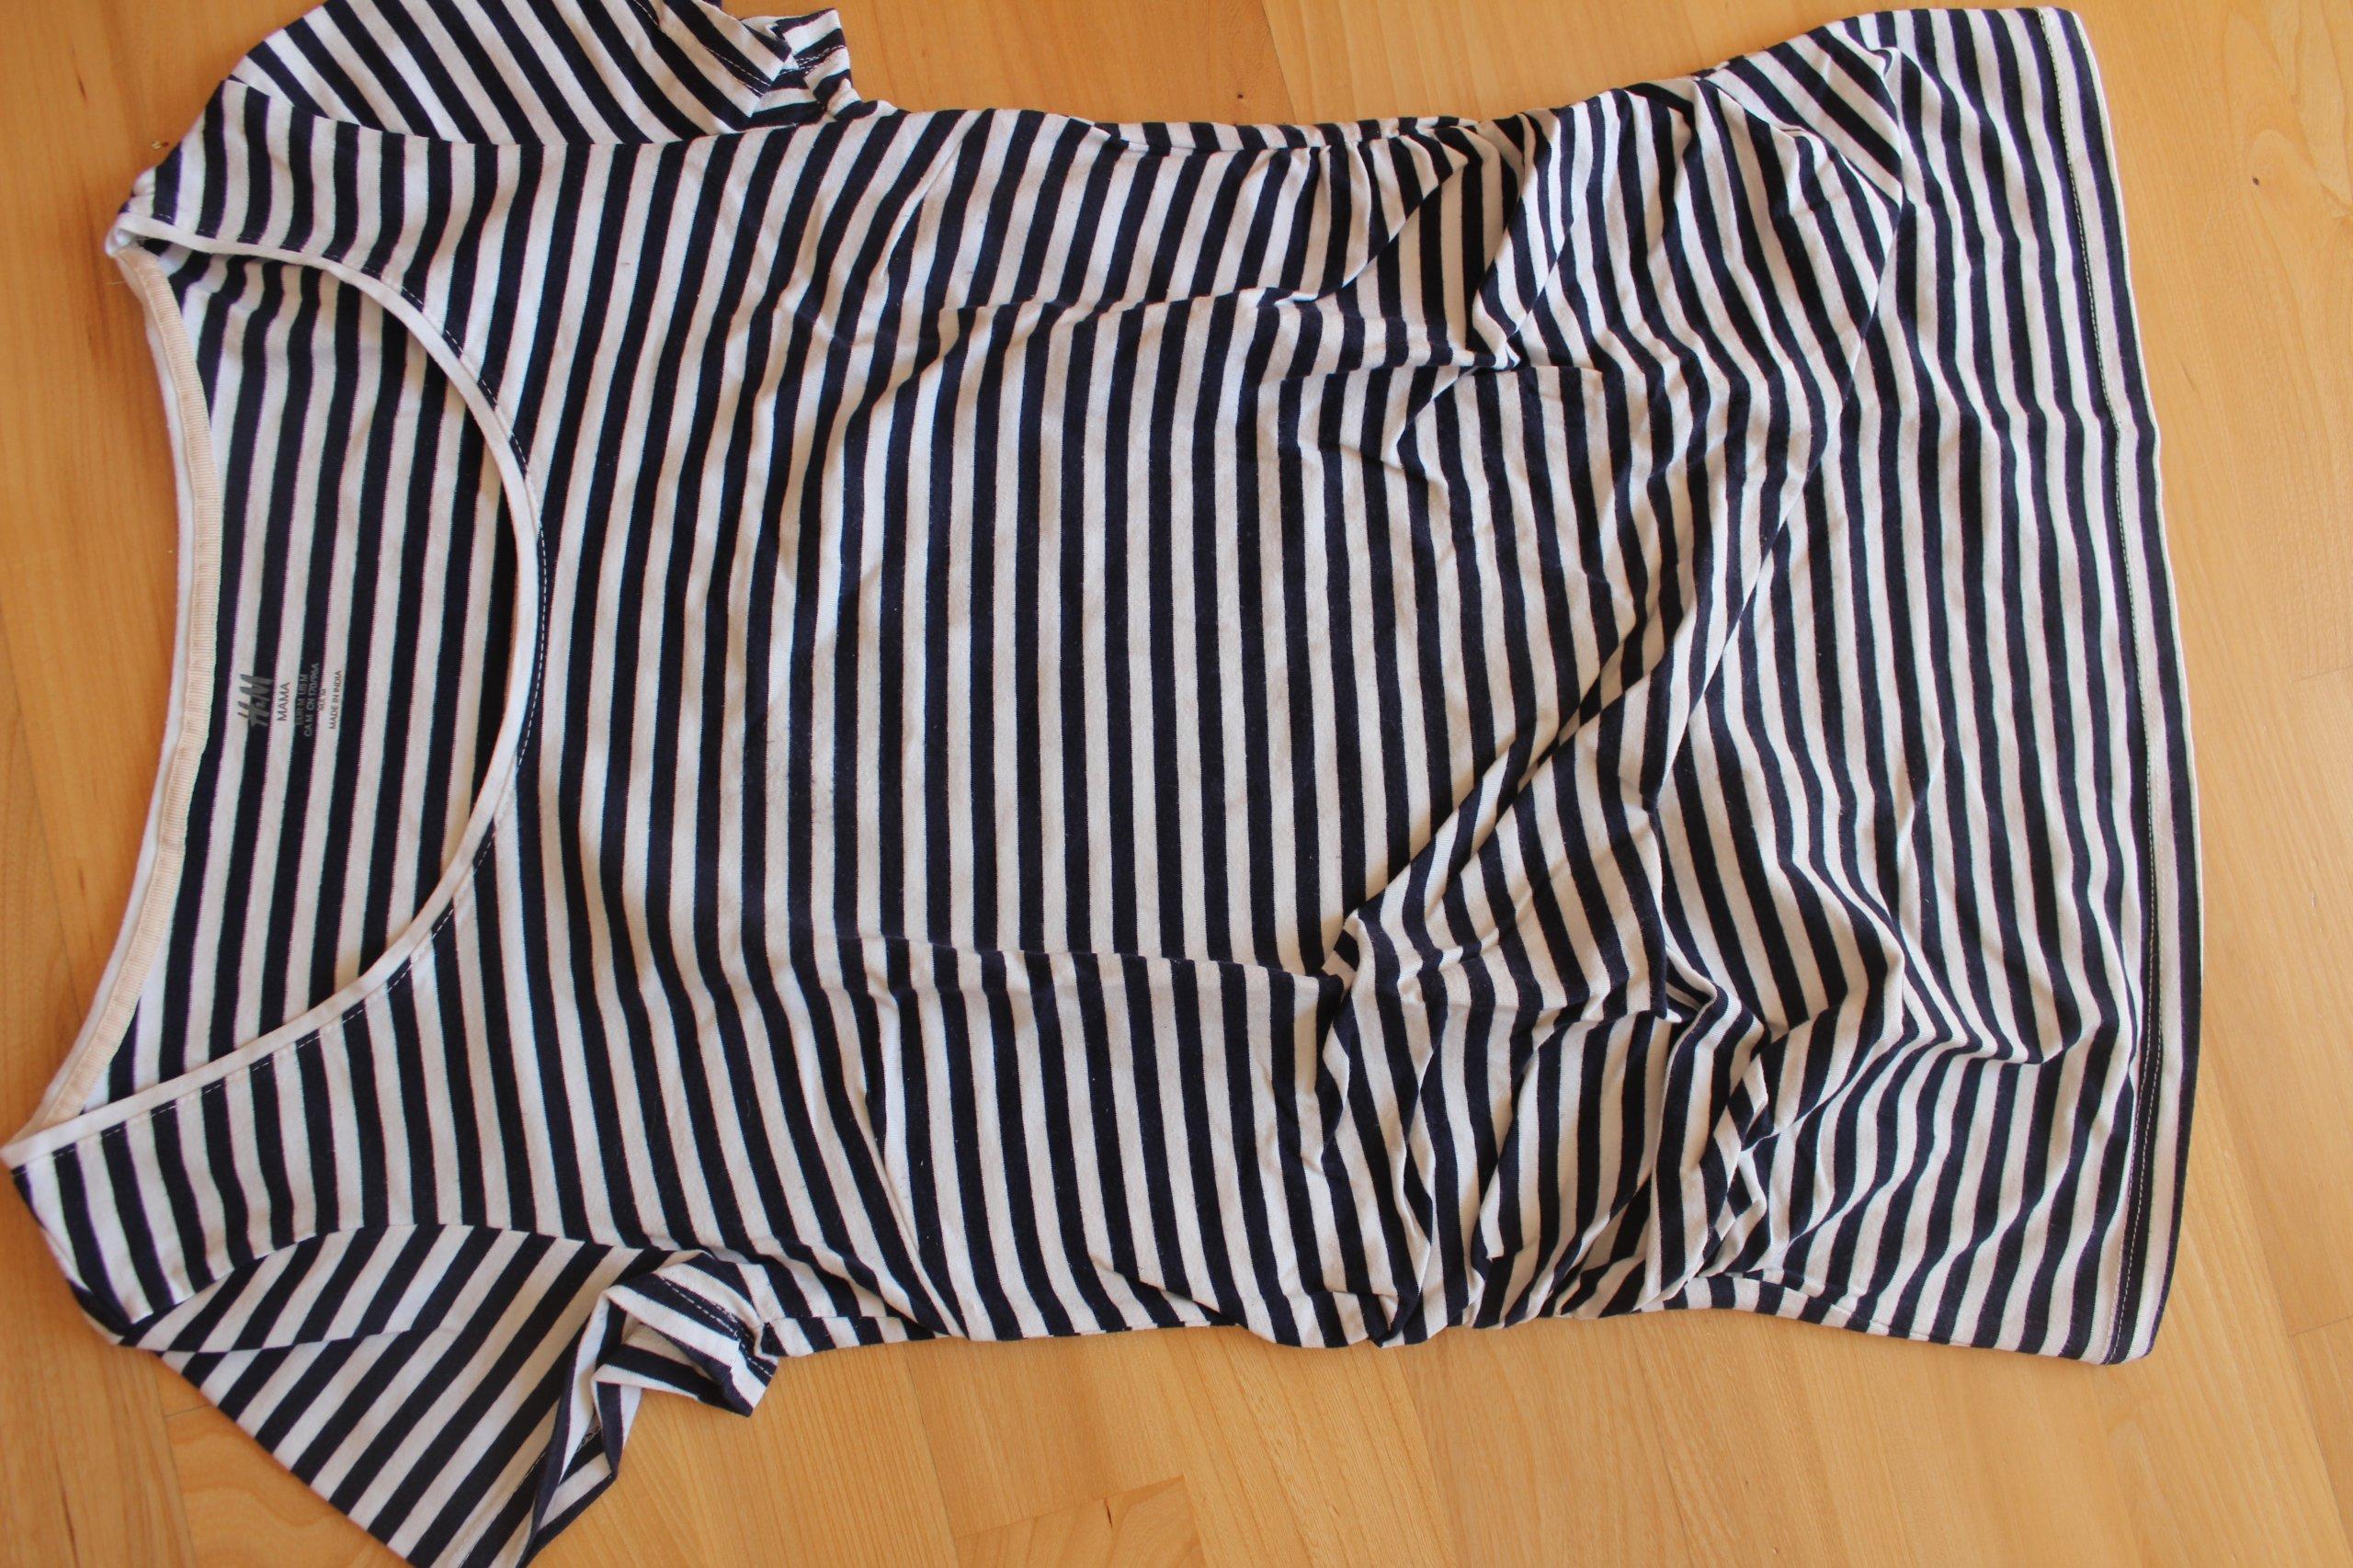 b72bfdf9f5dd57 bluzka t-shirt h&m ciążowa mama 38 m paski - 7360471751 - oficjalne ...